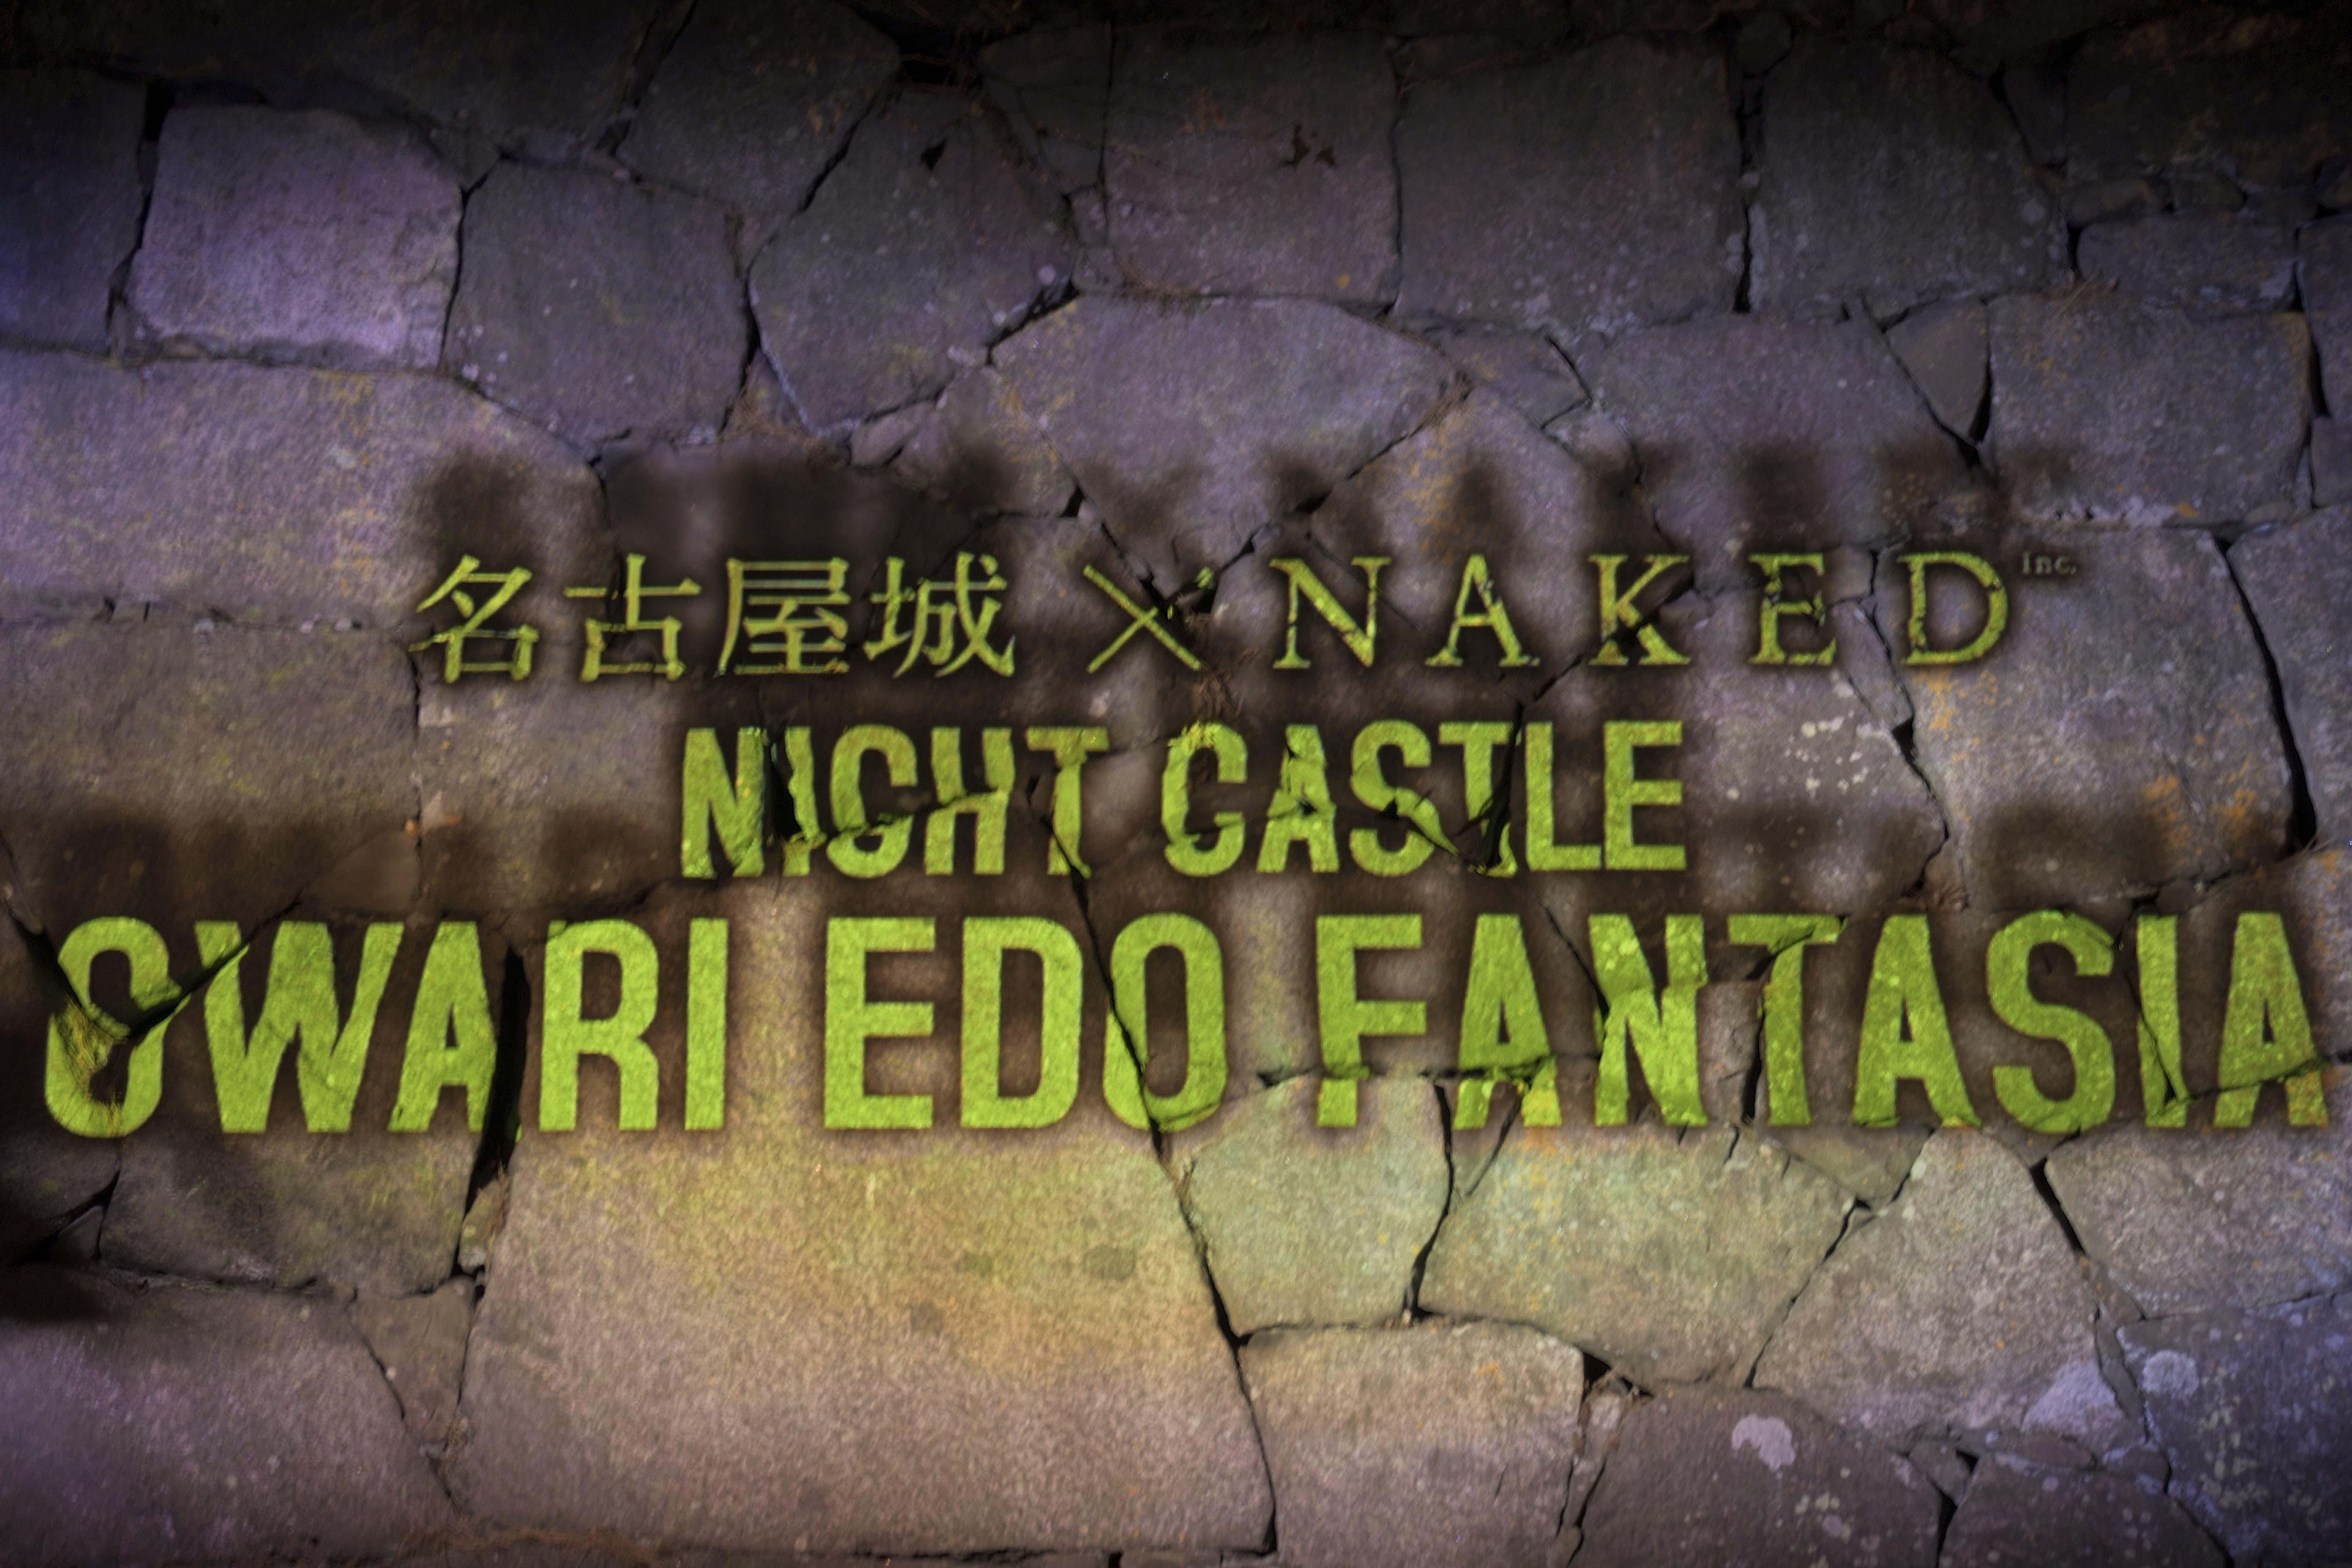 12月16日(日)まで、「名古屋城×NAKED」魅惑の夜景イベントを満喫してきた - DSC2497 min